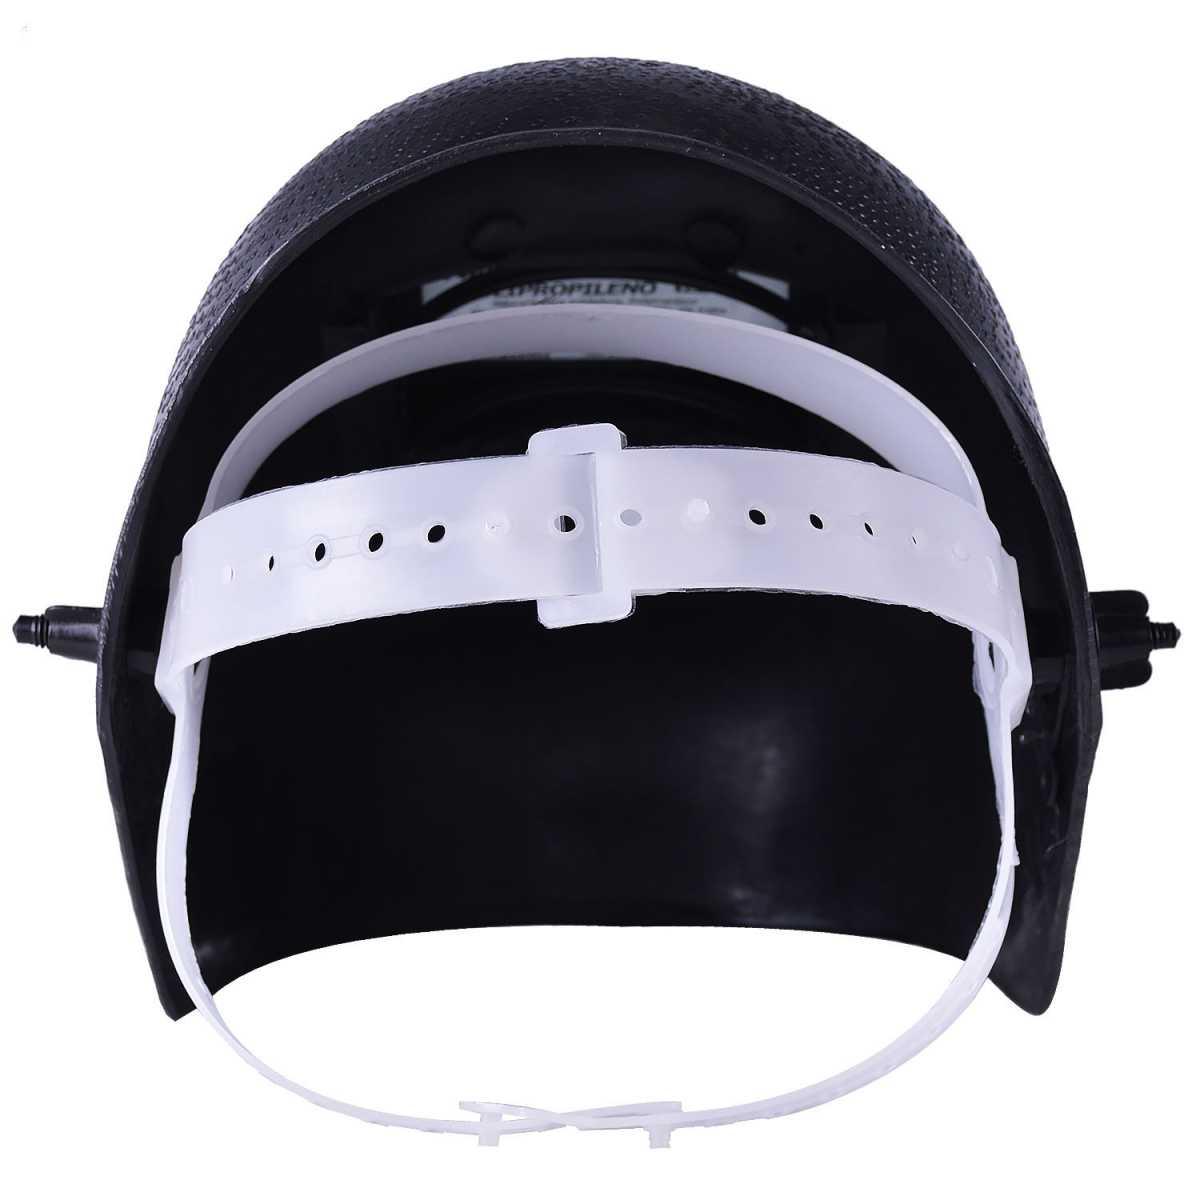 Máscara de Solda Visor Fixo Vd720 Vonder 7076000720